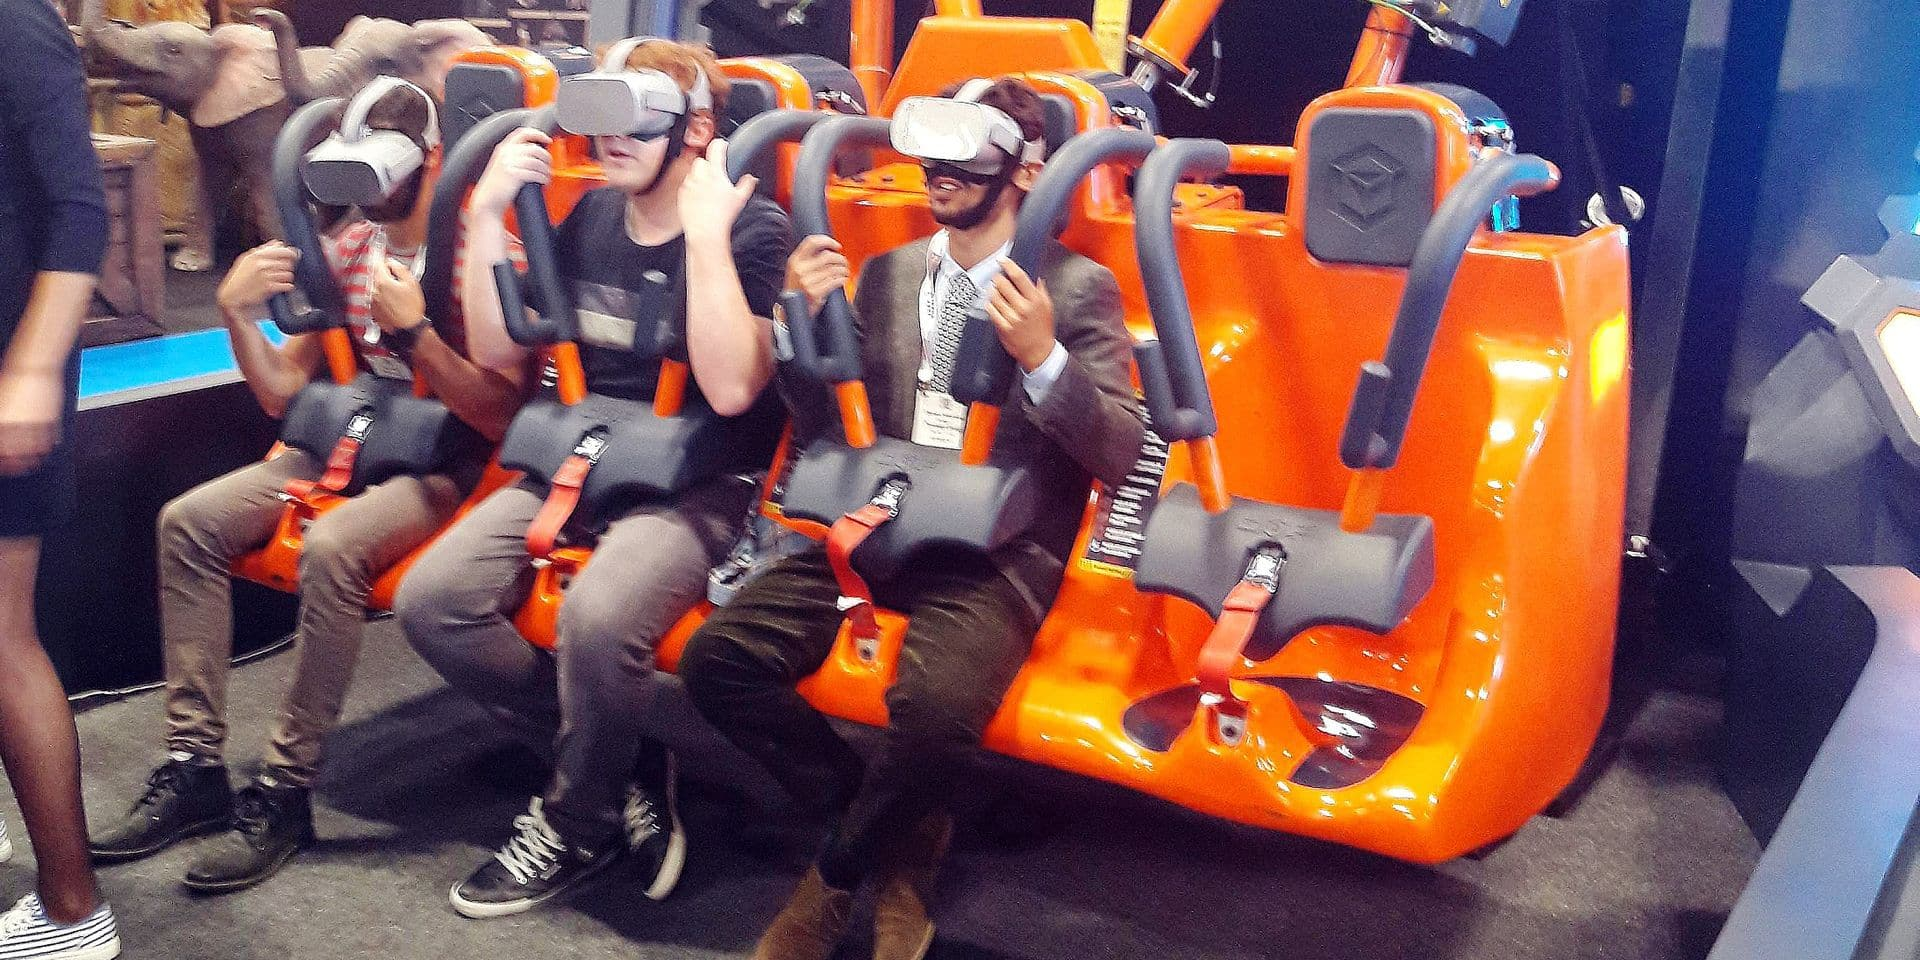 La réalité virtuelle, l'avenir des parcs d'attractions